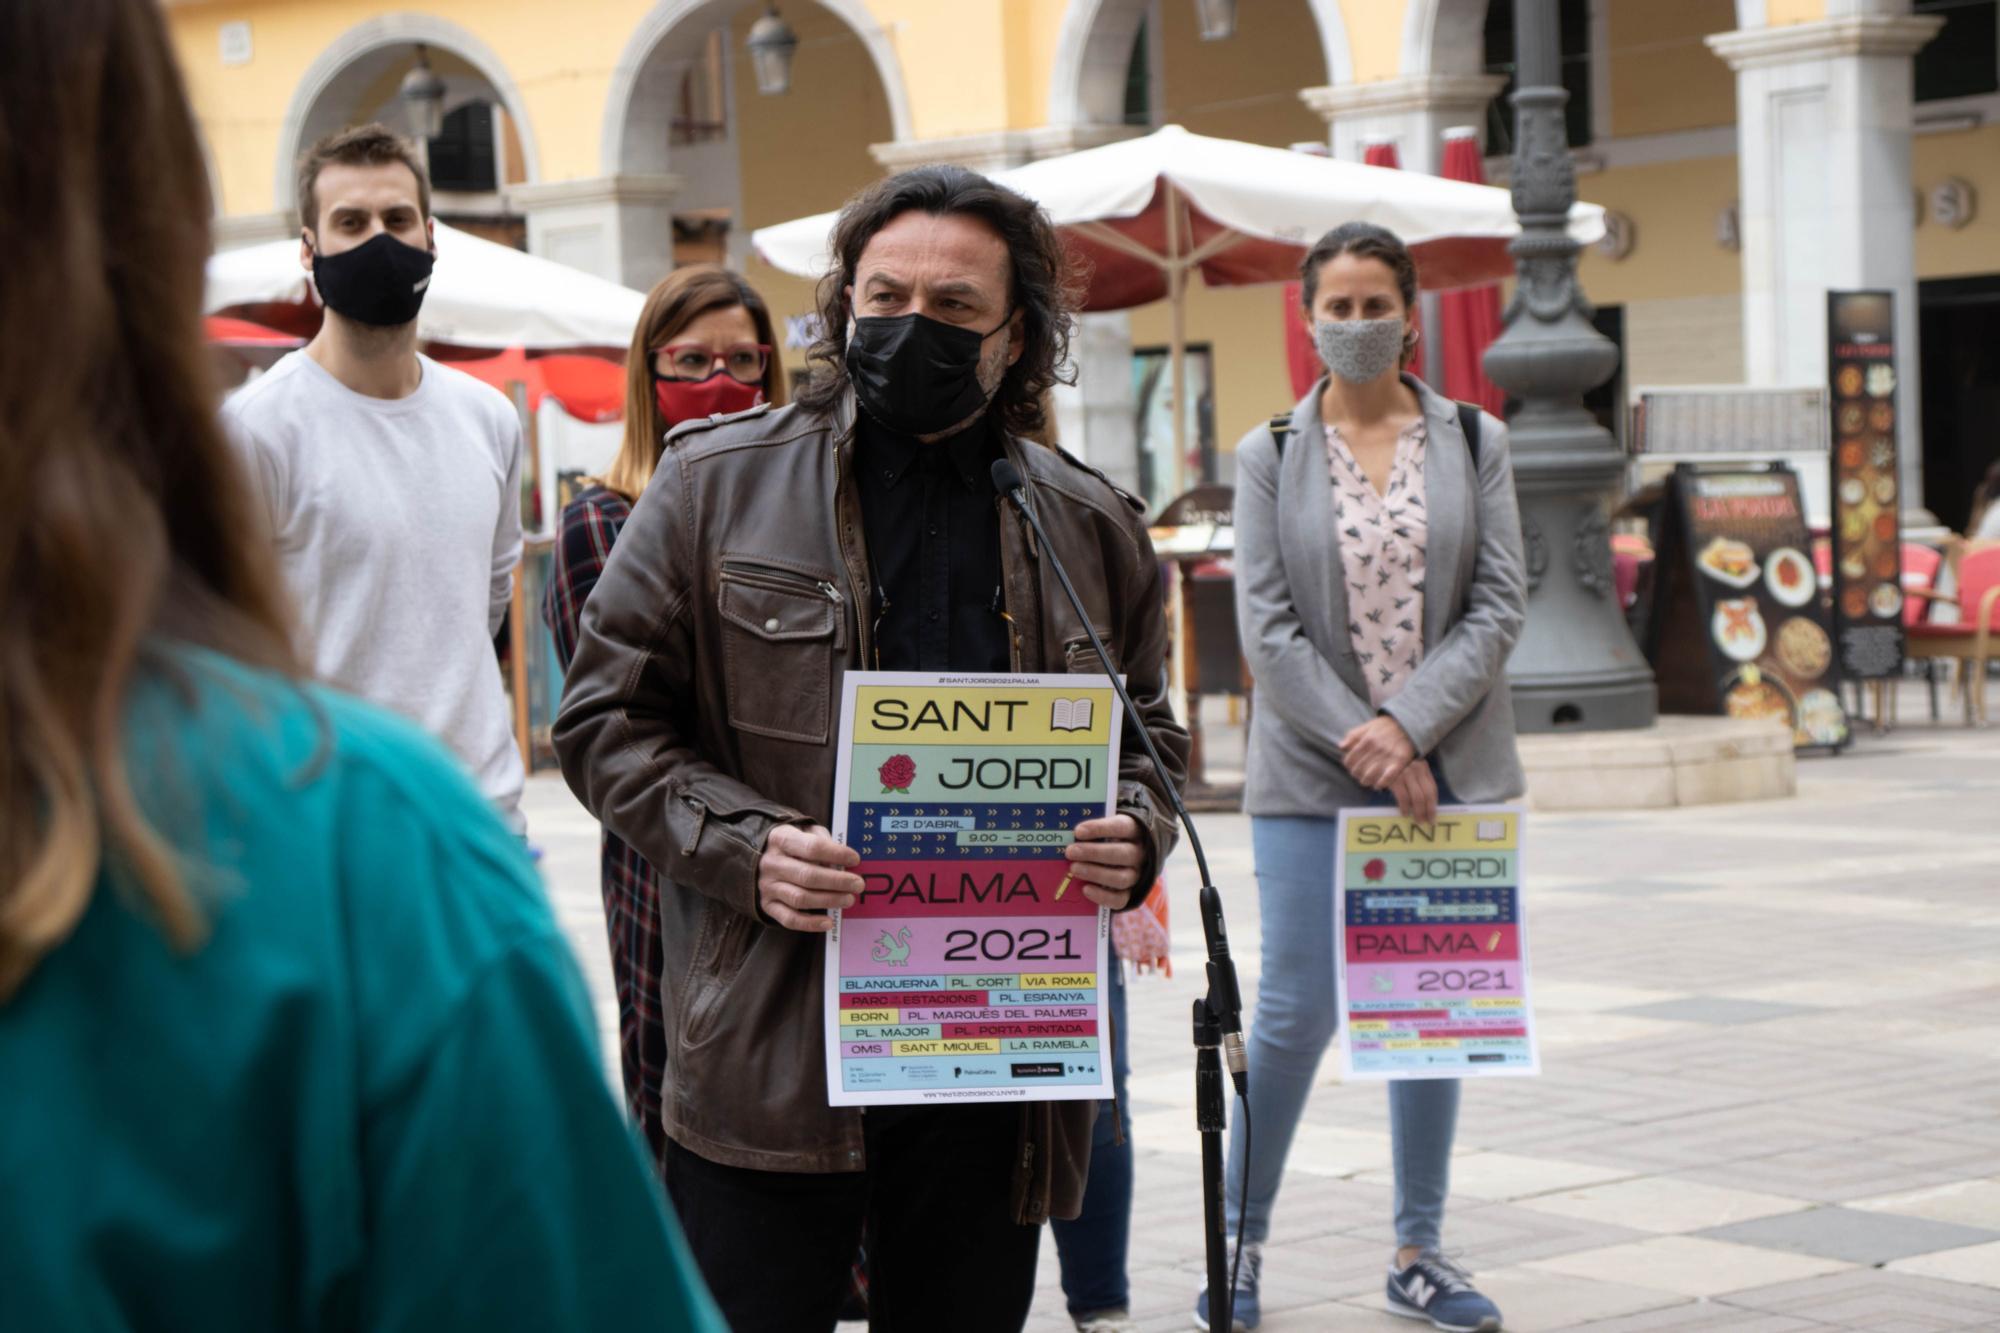 Mallorca organiza un Sant Jordi solo para las librerías